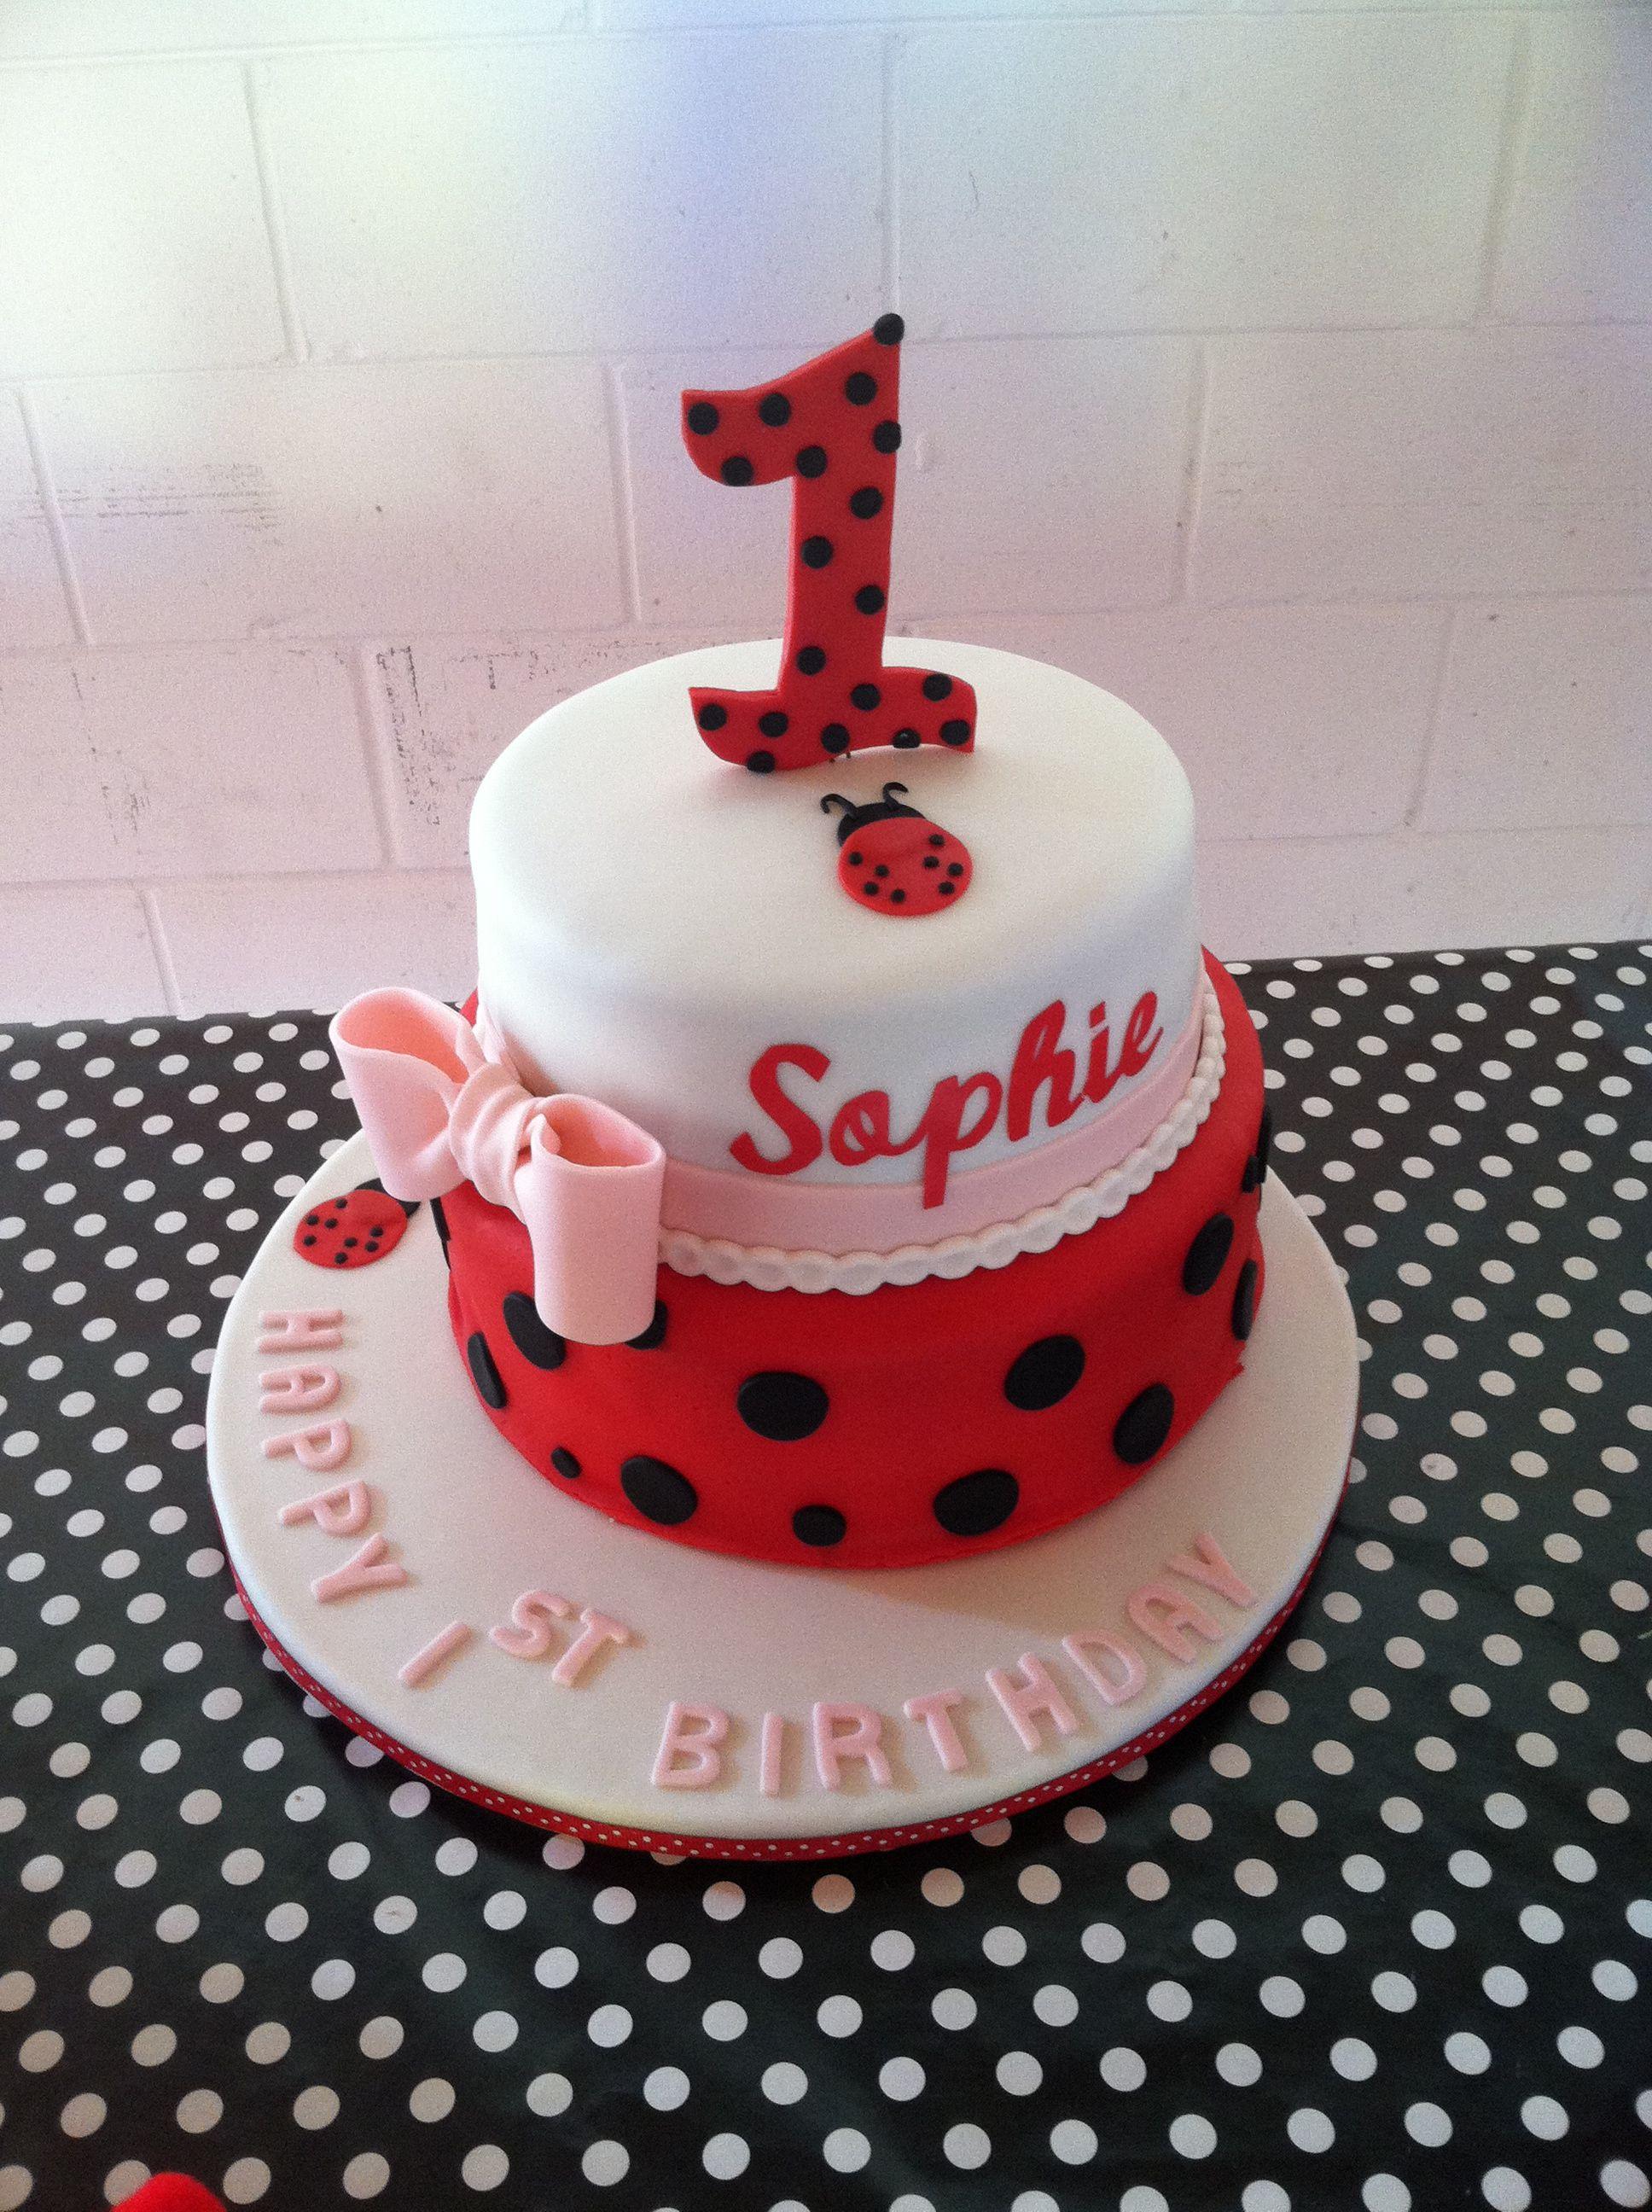 Ladybug Birthday Cake!   Harper 1st Bday   Ladybug 1st birthdays ...